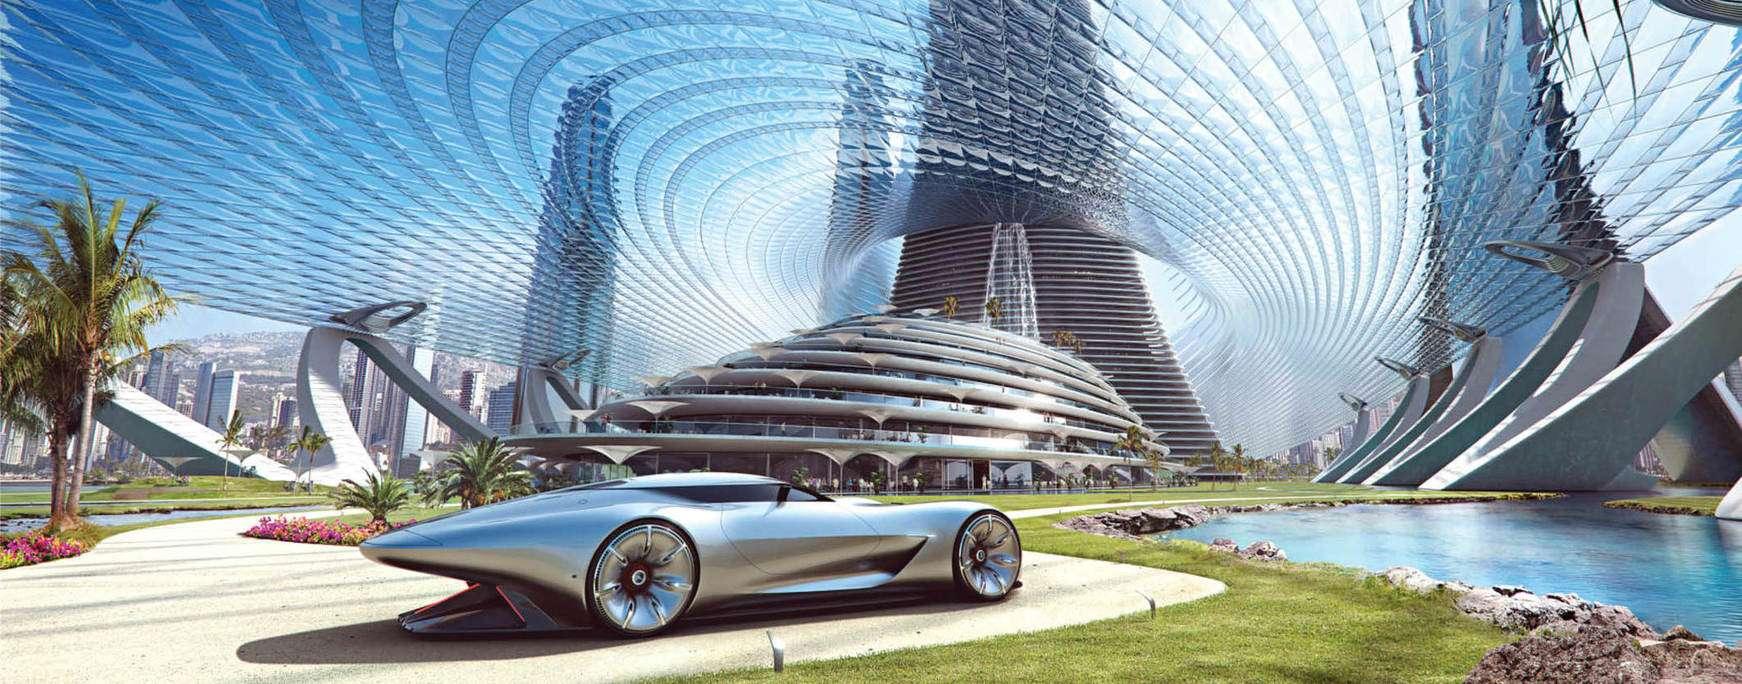 علم و فناوری در سال های آینده,اخبار علمی,خبرهای علمی,پژوهش